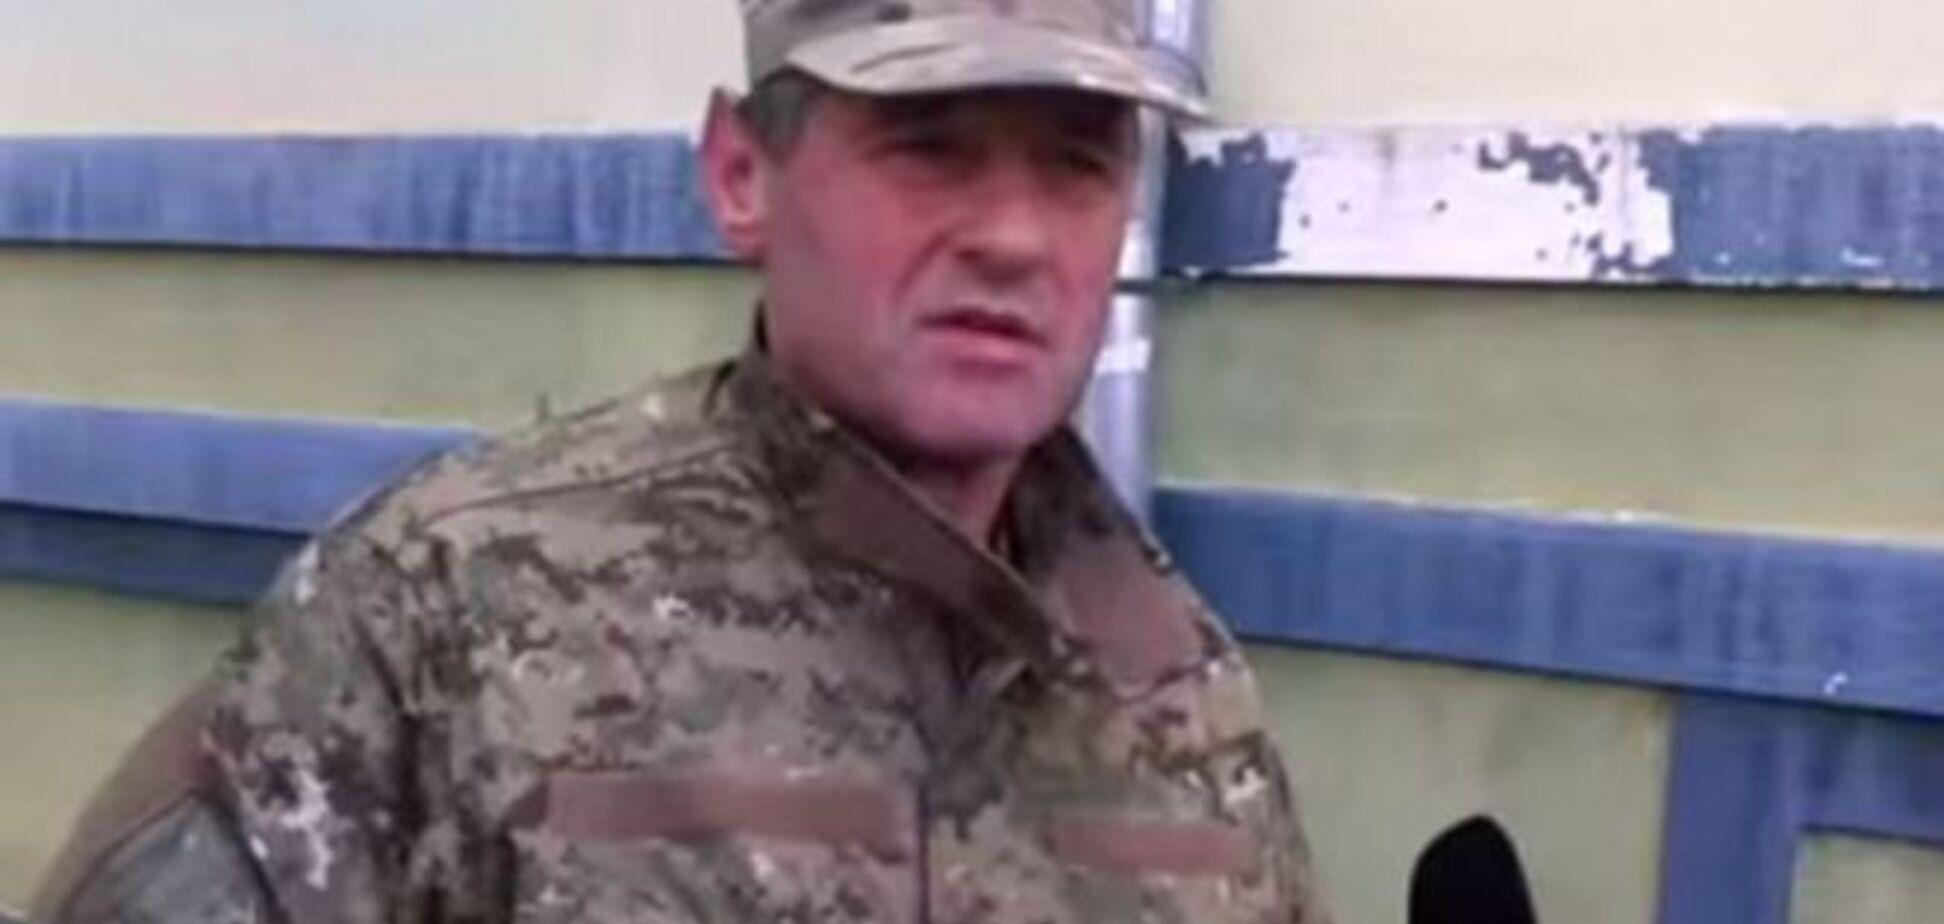 Двох поранених бійців 'Правого сектора' доставили у лікарню - СБУ